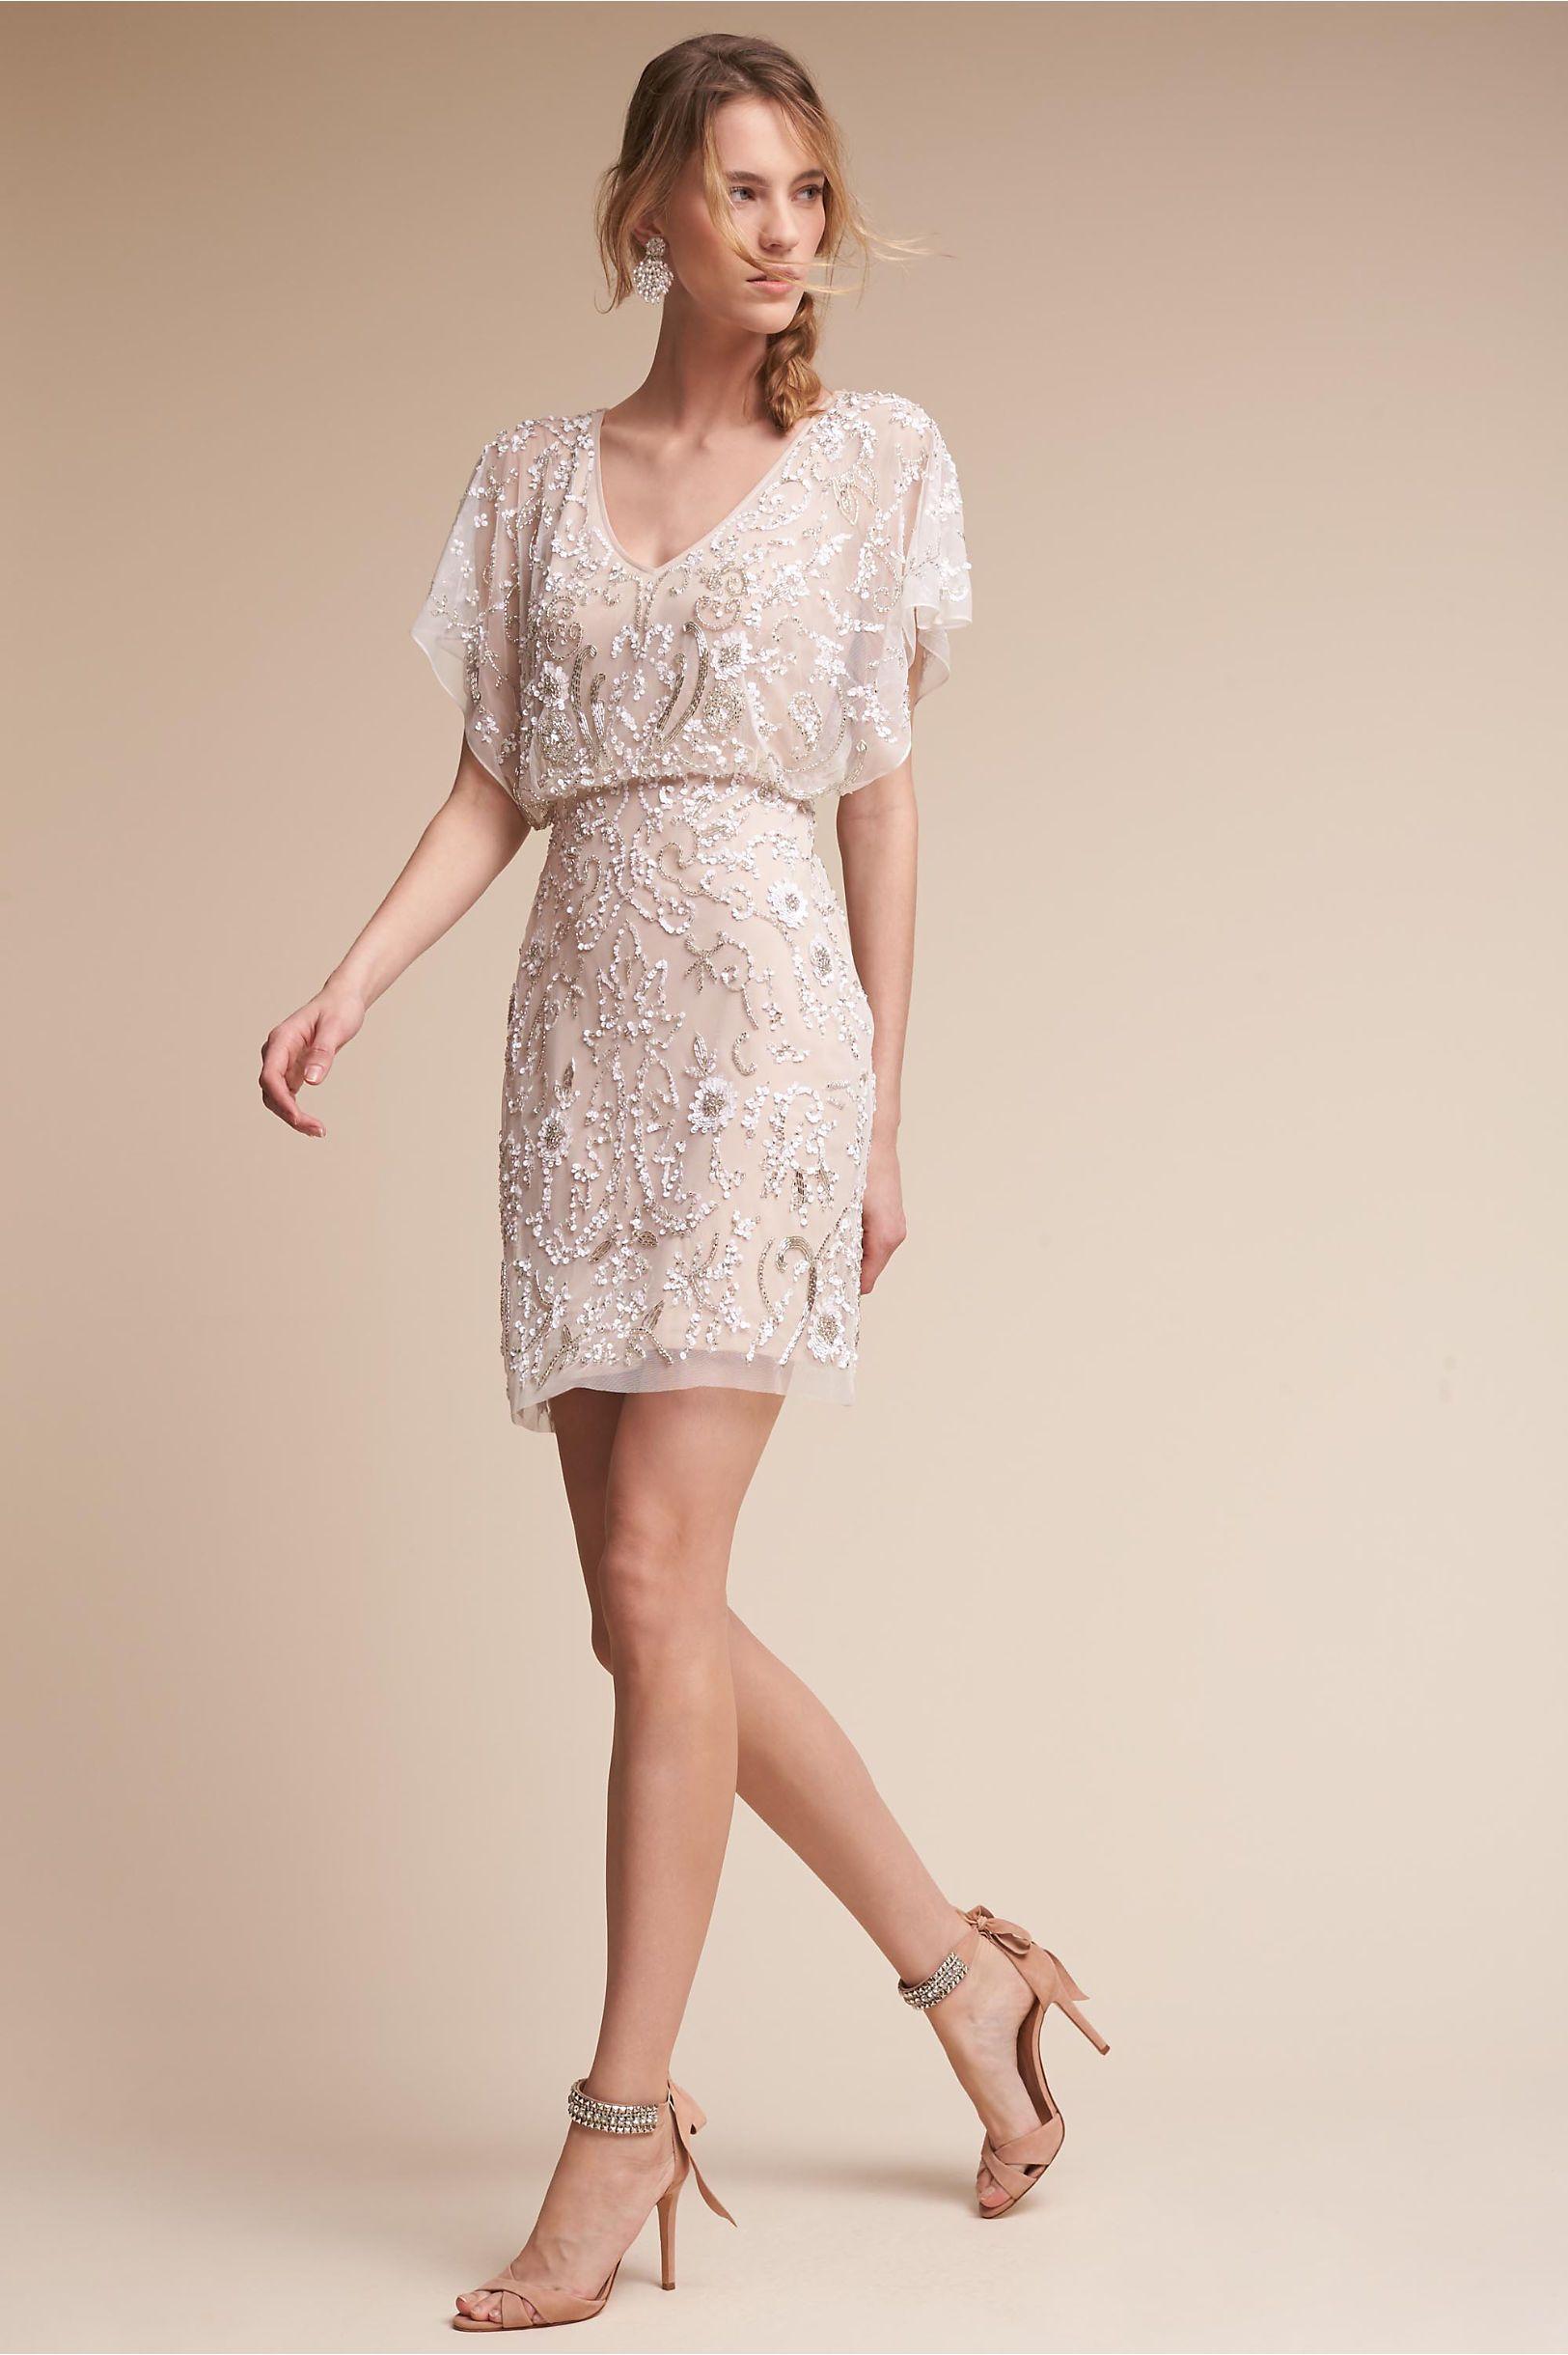 BHLDN Meriden Dress in Bride Beach & Destination | BHLDN | LWD ...